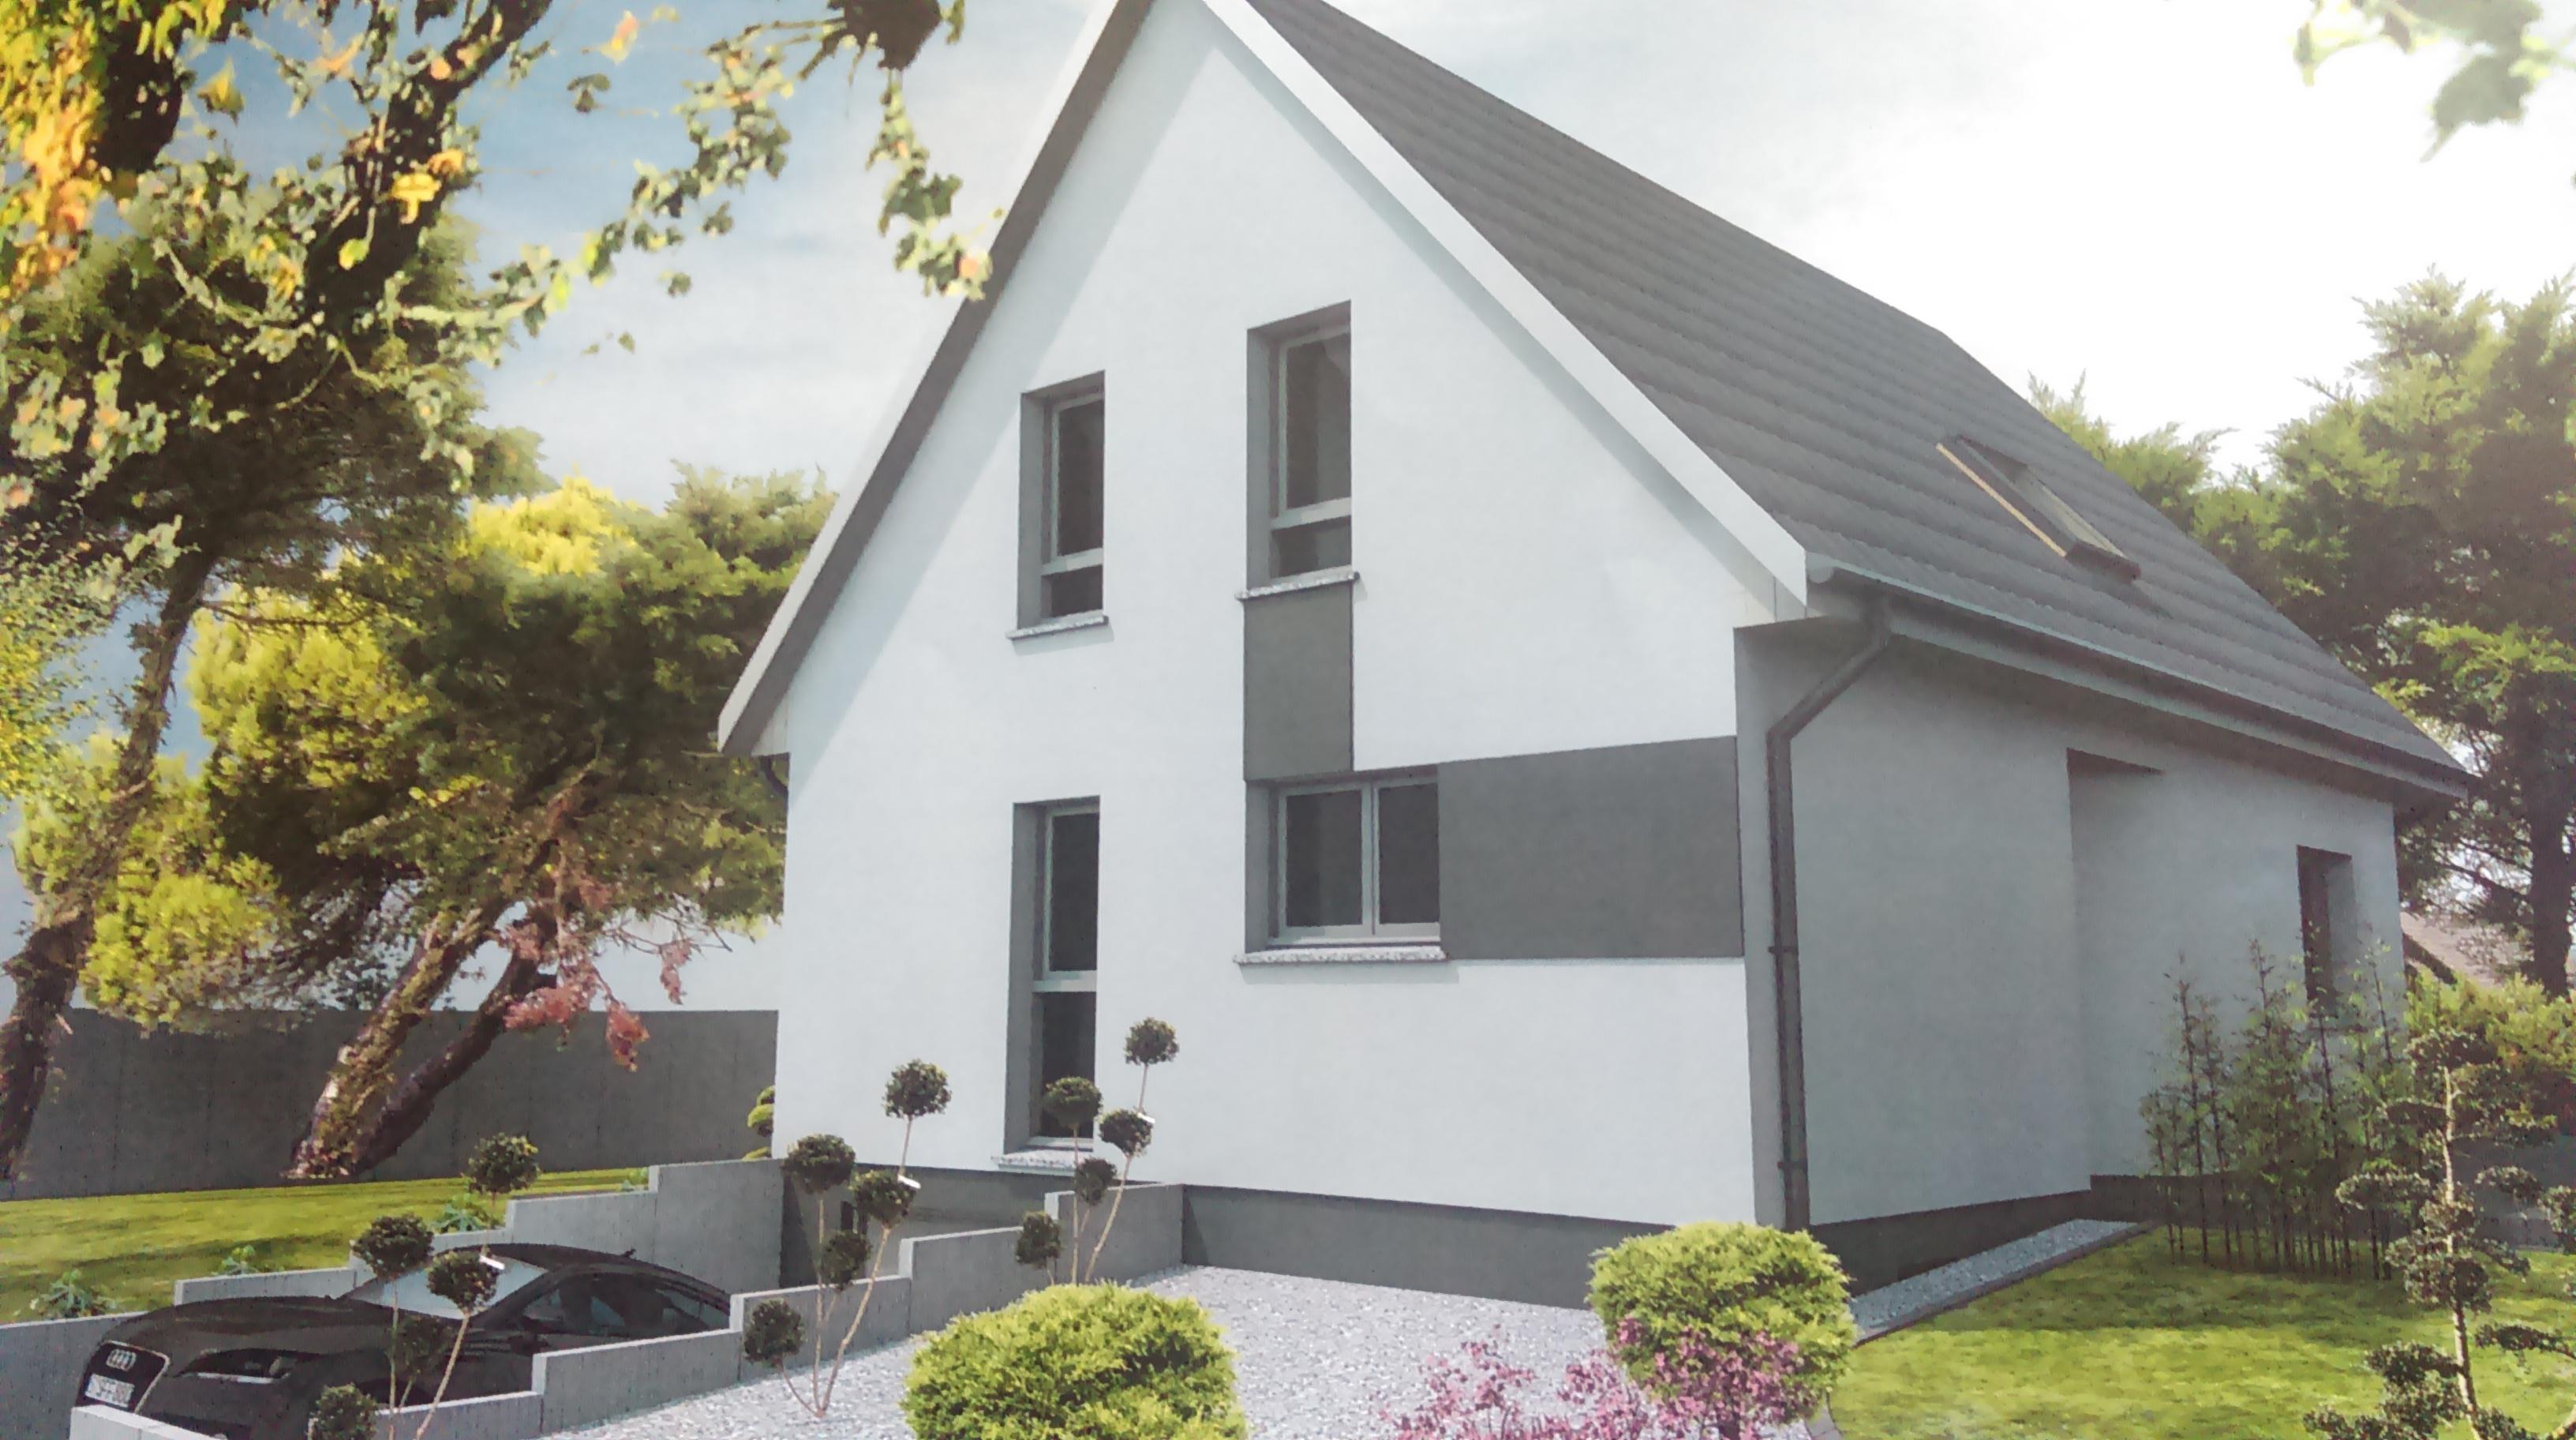 Maisons du constructeur LYCENE • 90 m² • DURRENENTZEN